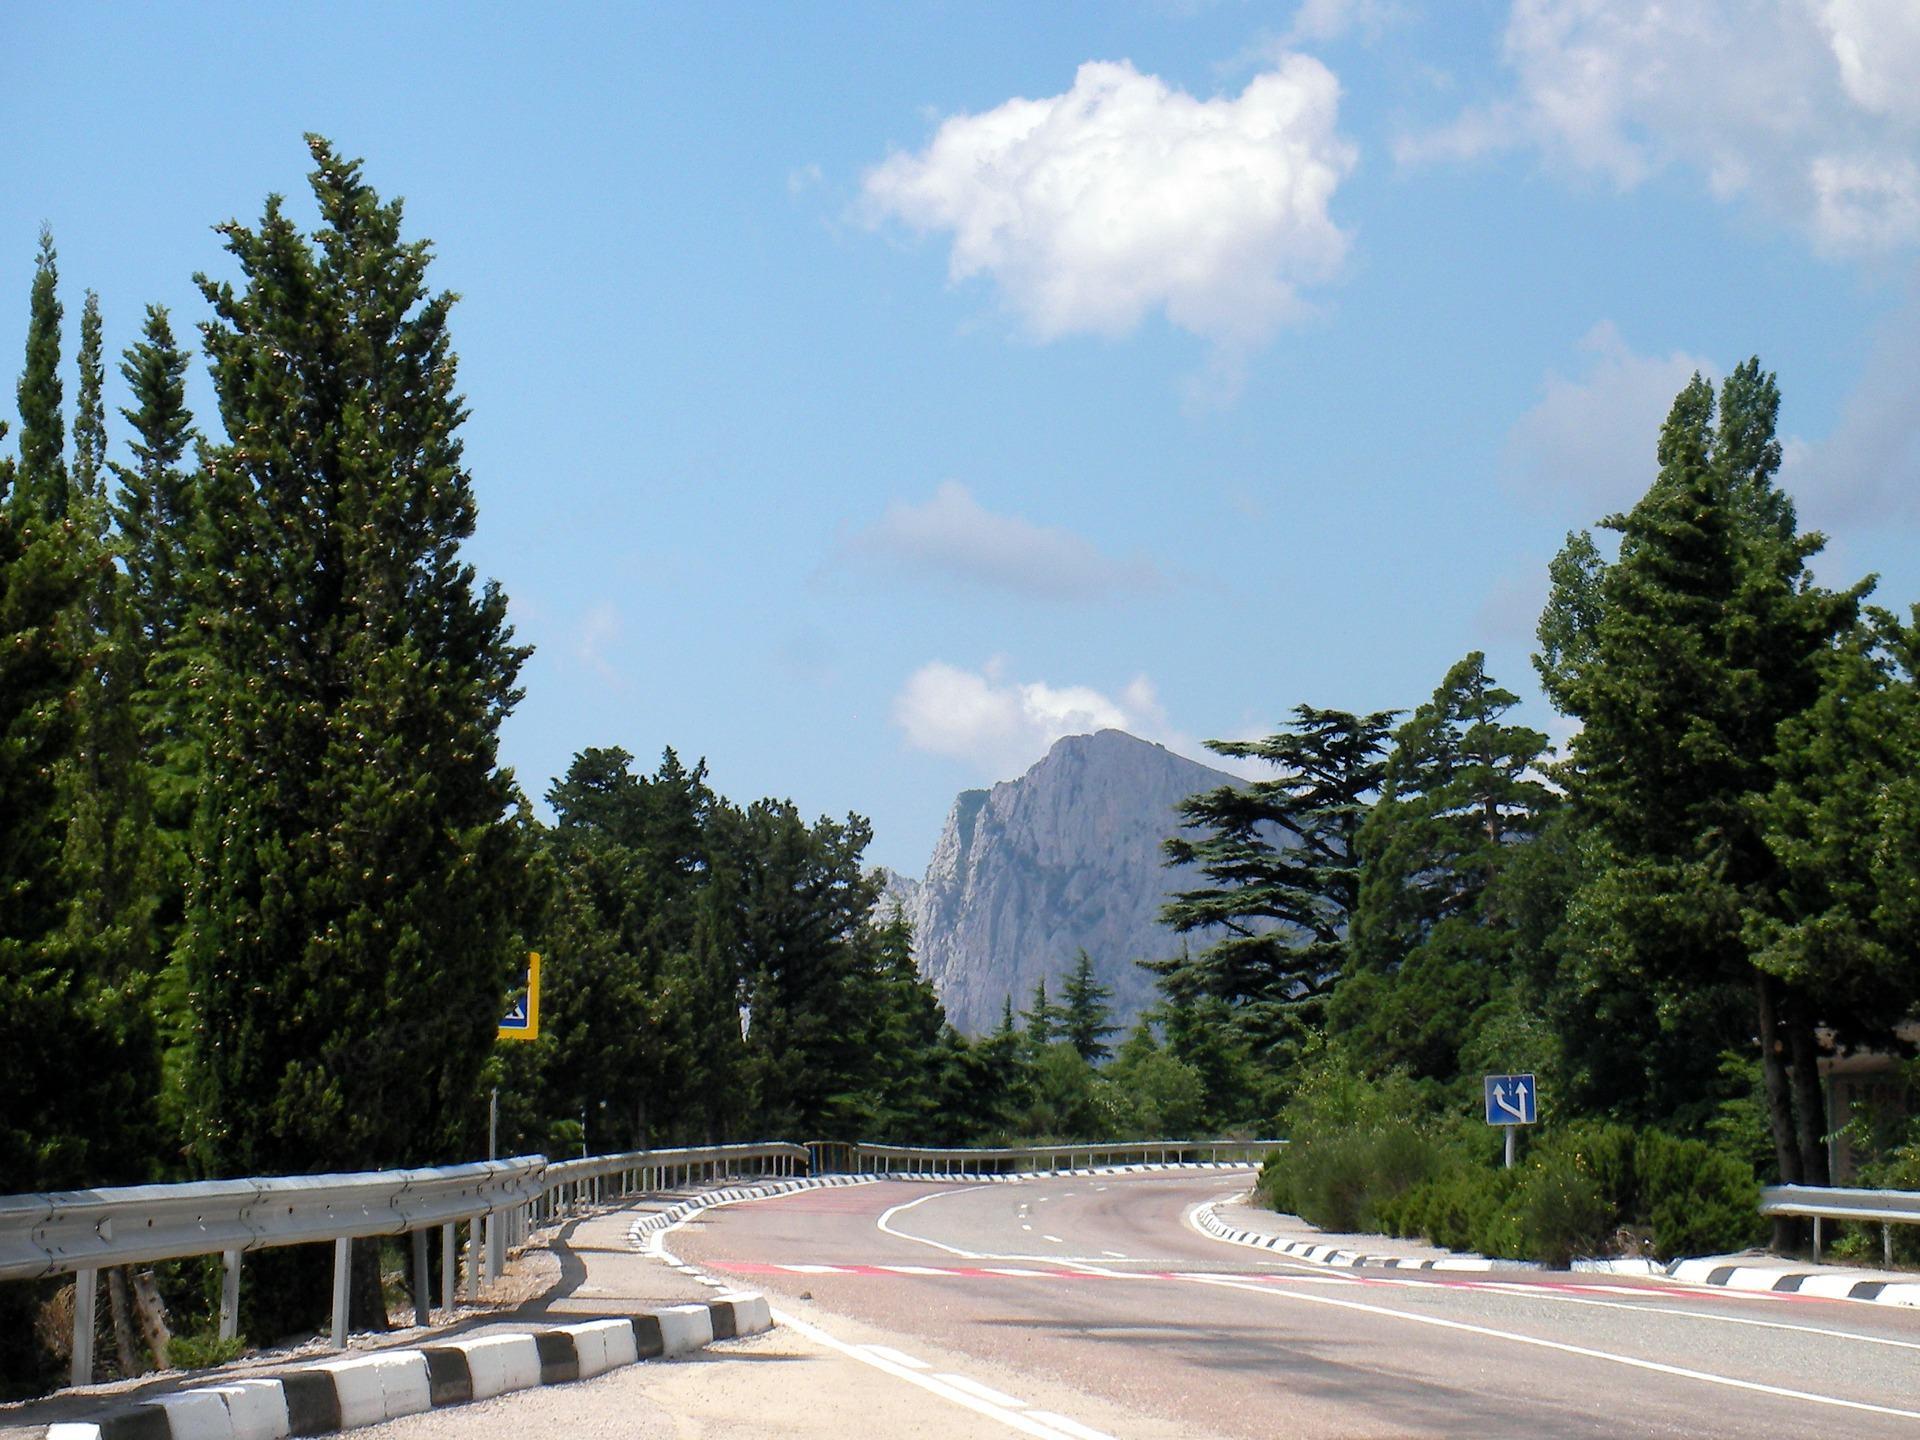 الطريق الجبلي بين الأشجار والسماء ملبدة بالغيوم